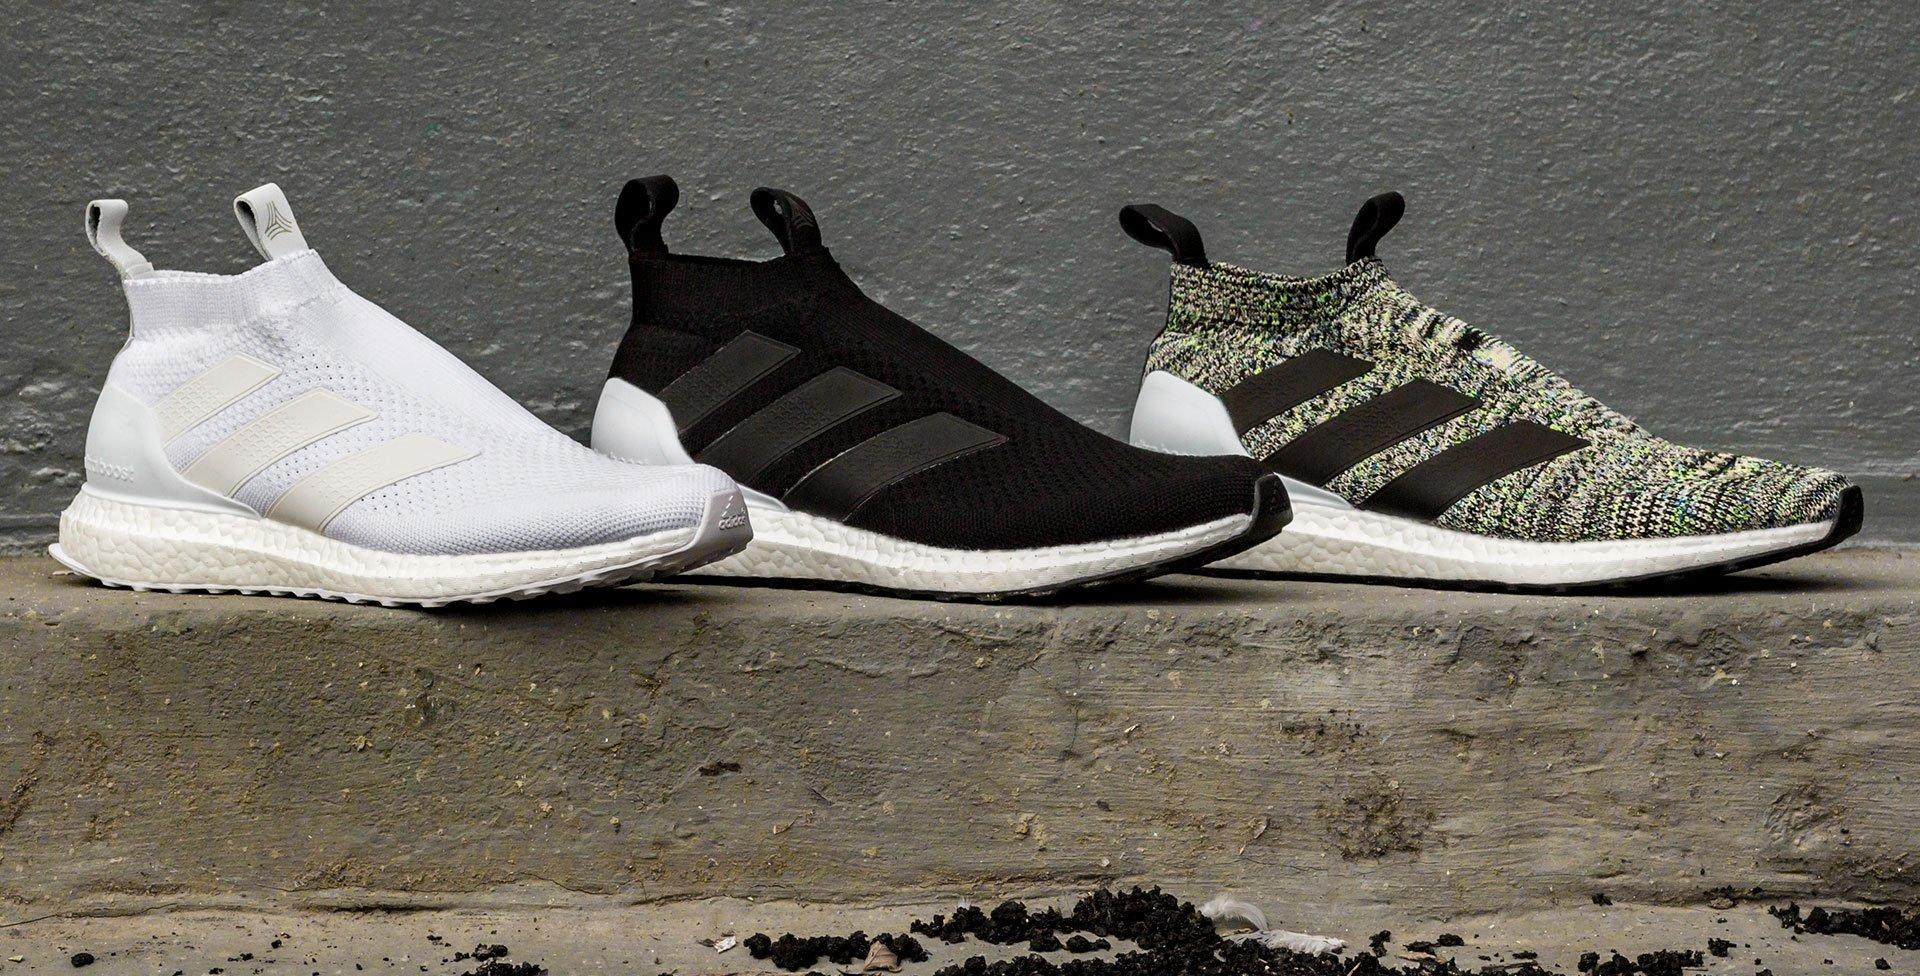 sports shoes fdca3 5bac0 Die drei neuen A16+ UltraBOOST Farbvarianten wurden veröffen